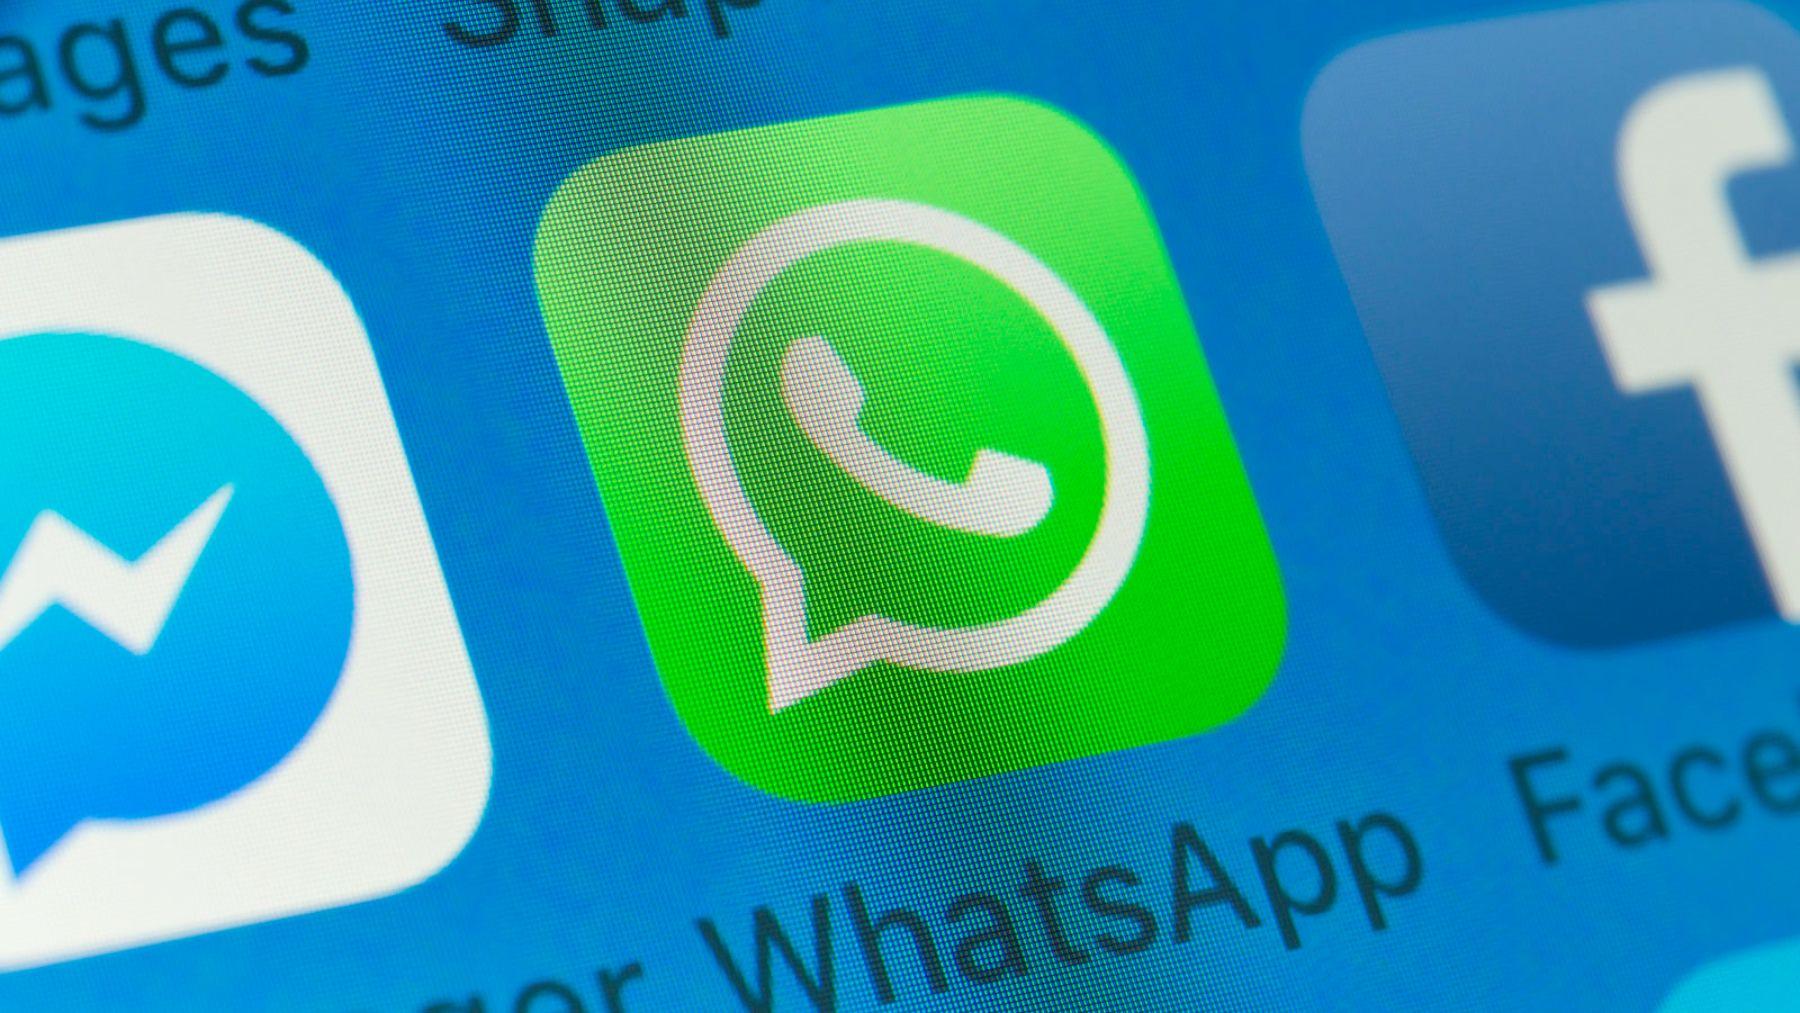 El motivo por el que las fotos de WhatsApp salen borrosas